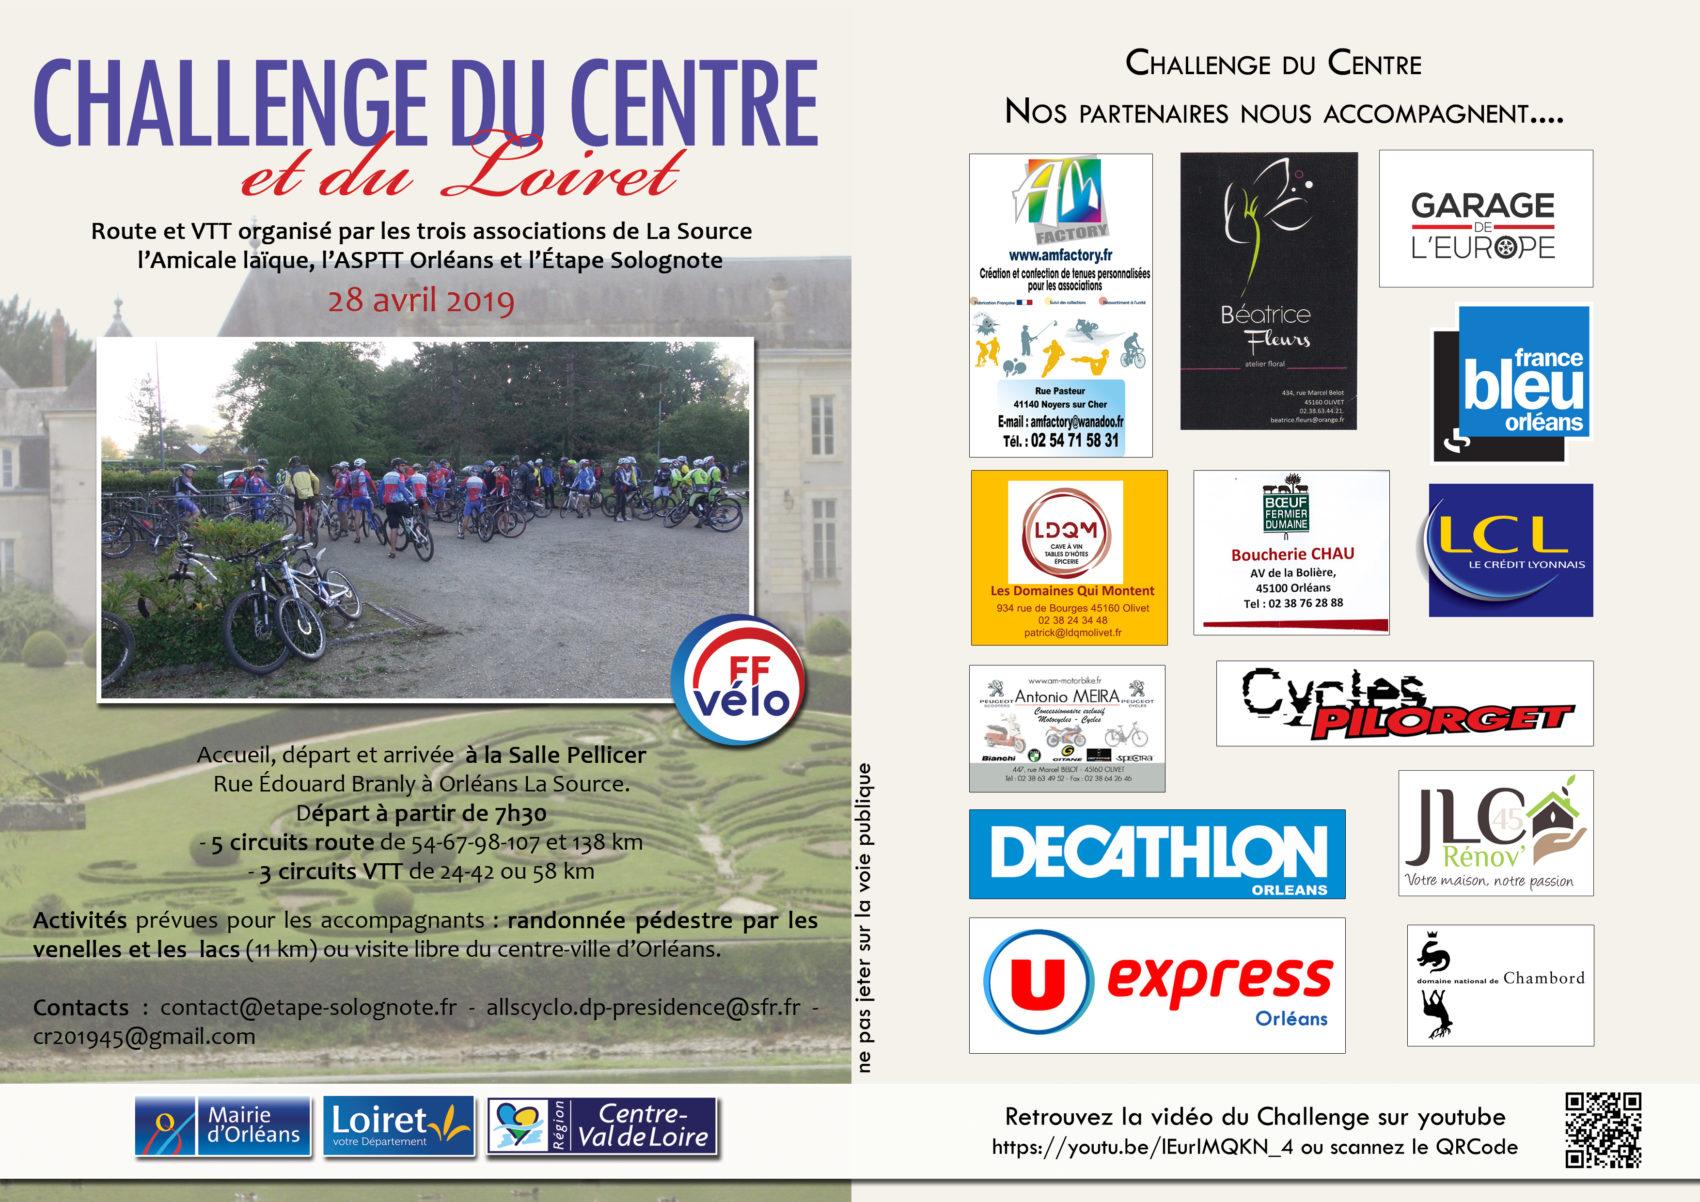 Challenge du Centre et du Loiret